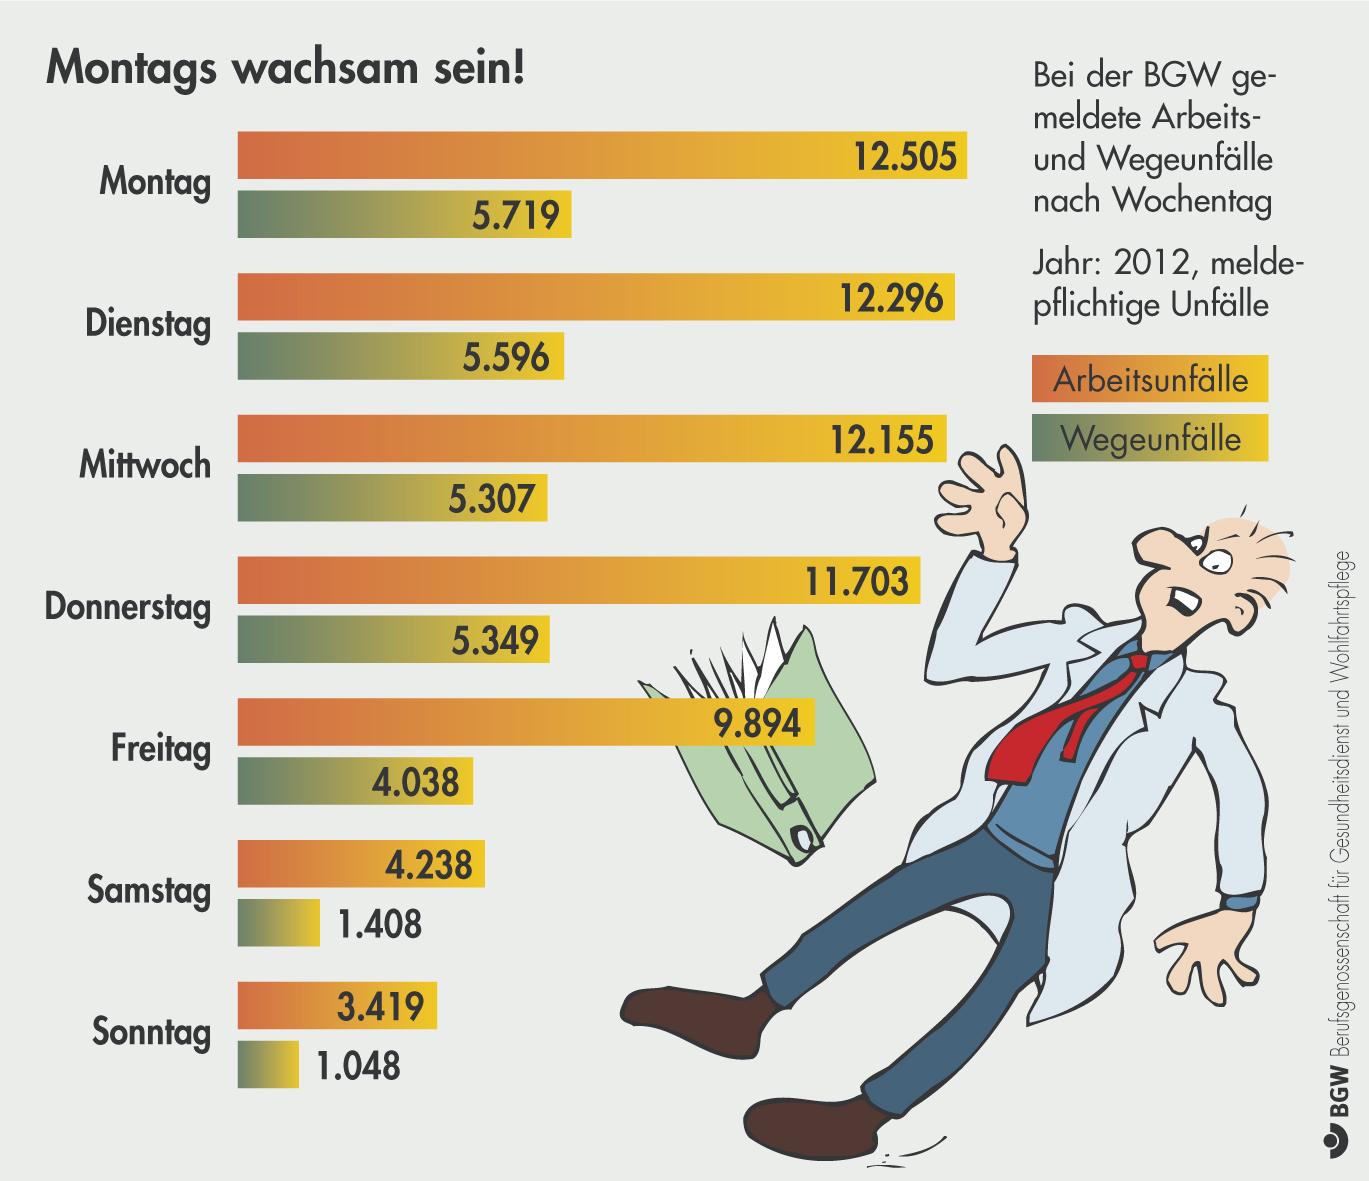 Arbeitsunfälle: Montags pasArbeitsunfälle: Montags passiert am meistensiert am meisten